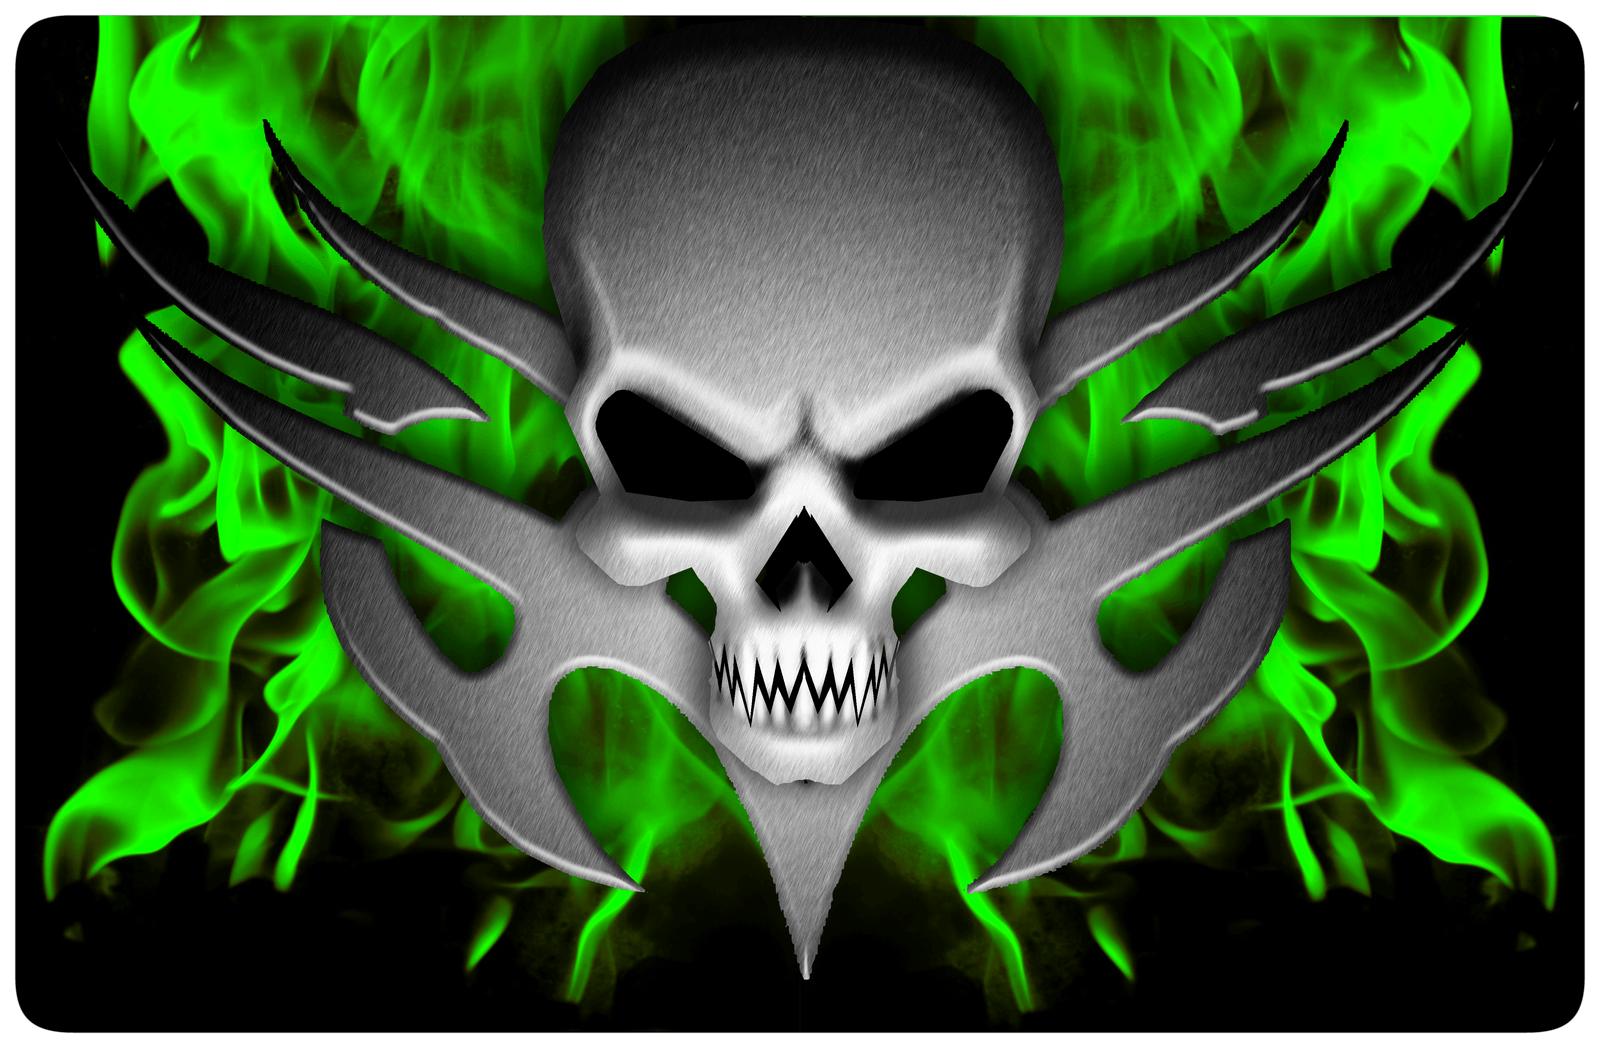 Flaming Skull Wallpapers Description